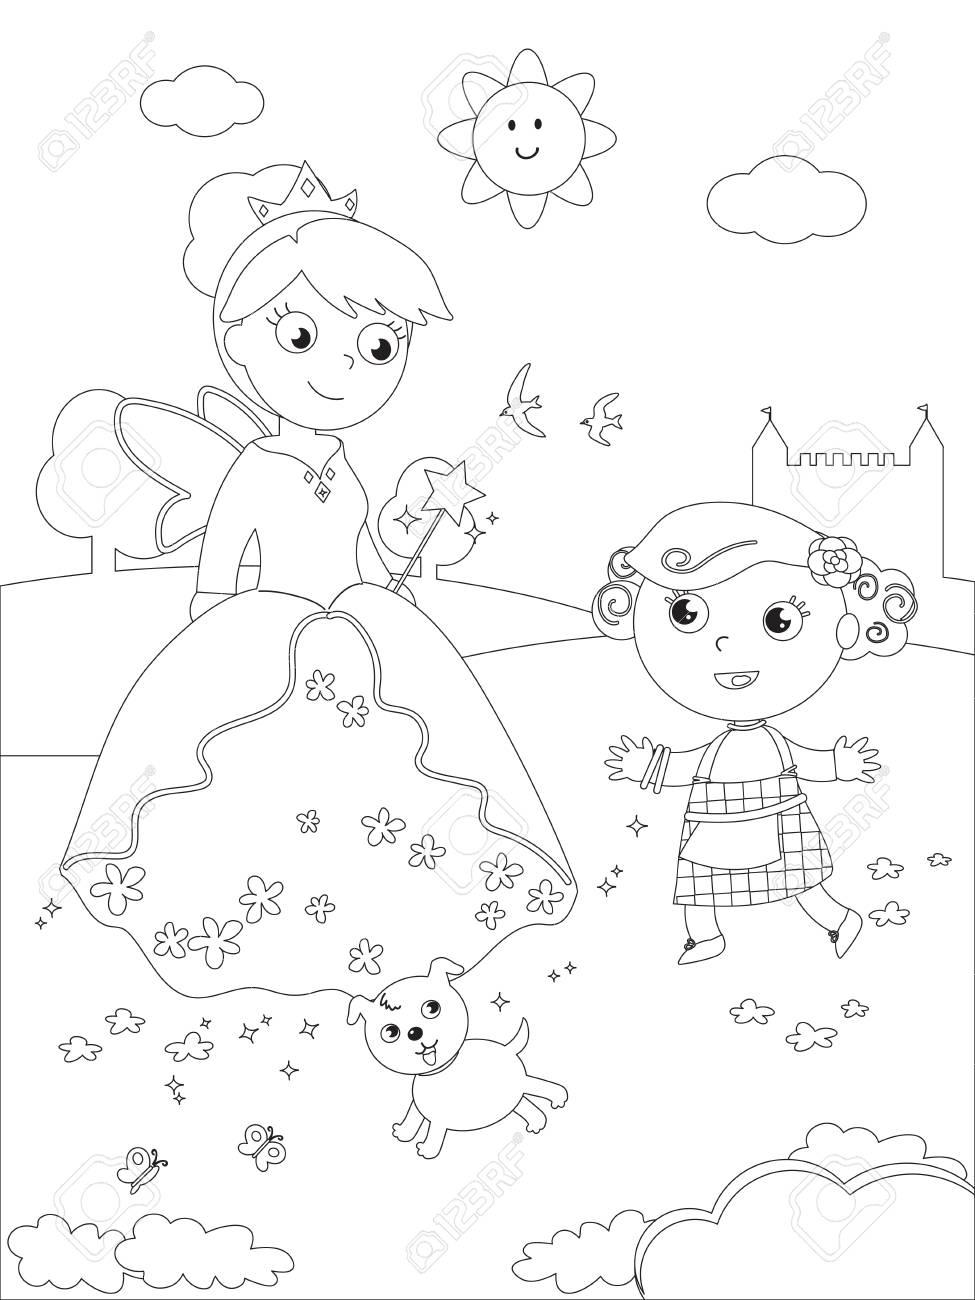 El Mago De Oz Dorothy Con Su Perro Y La Bruja Del Sur Glinda Para Colorear Ilustración Ilustraciones Vectoriales Clip Art Vectorizado Libre De Derechos Image 93989156